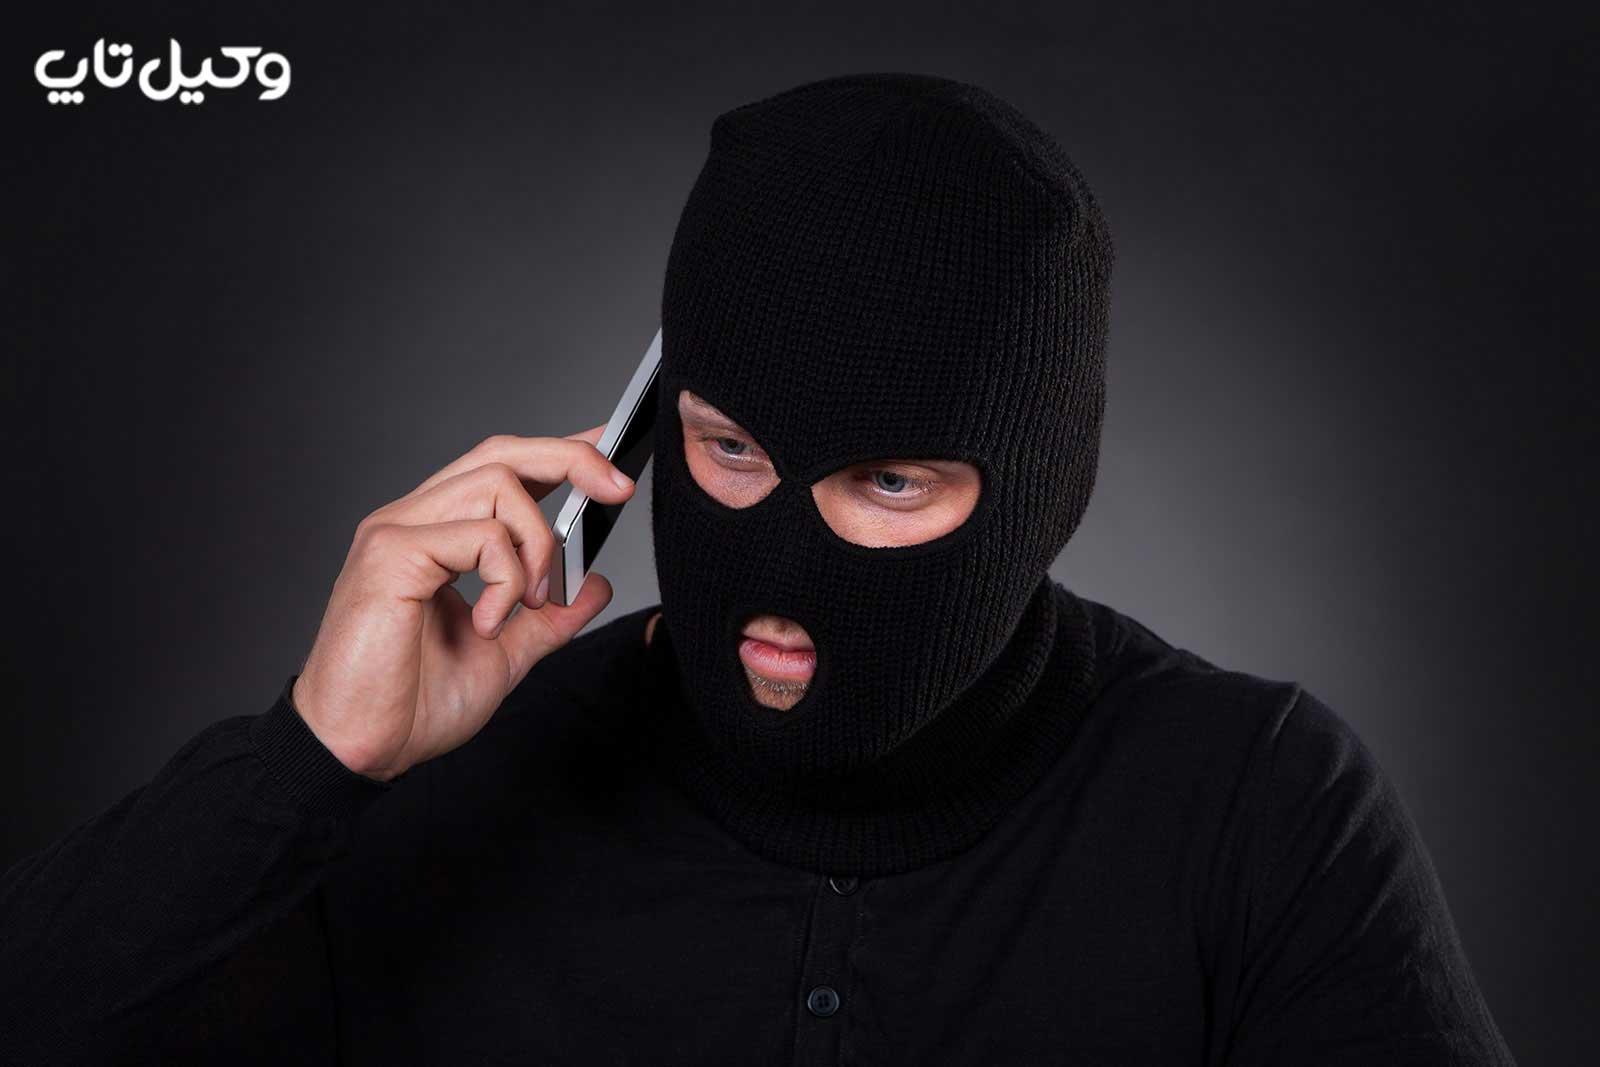 تهدید با تلفن